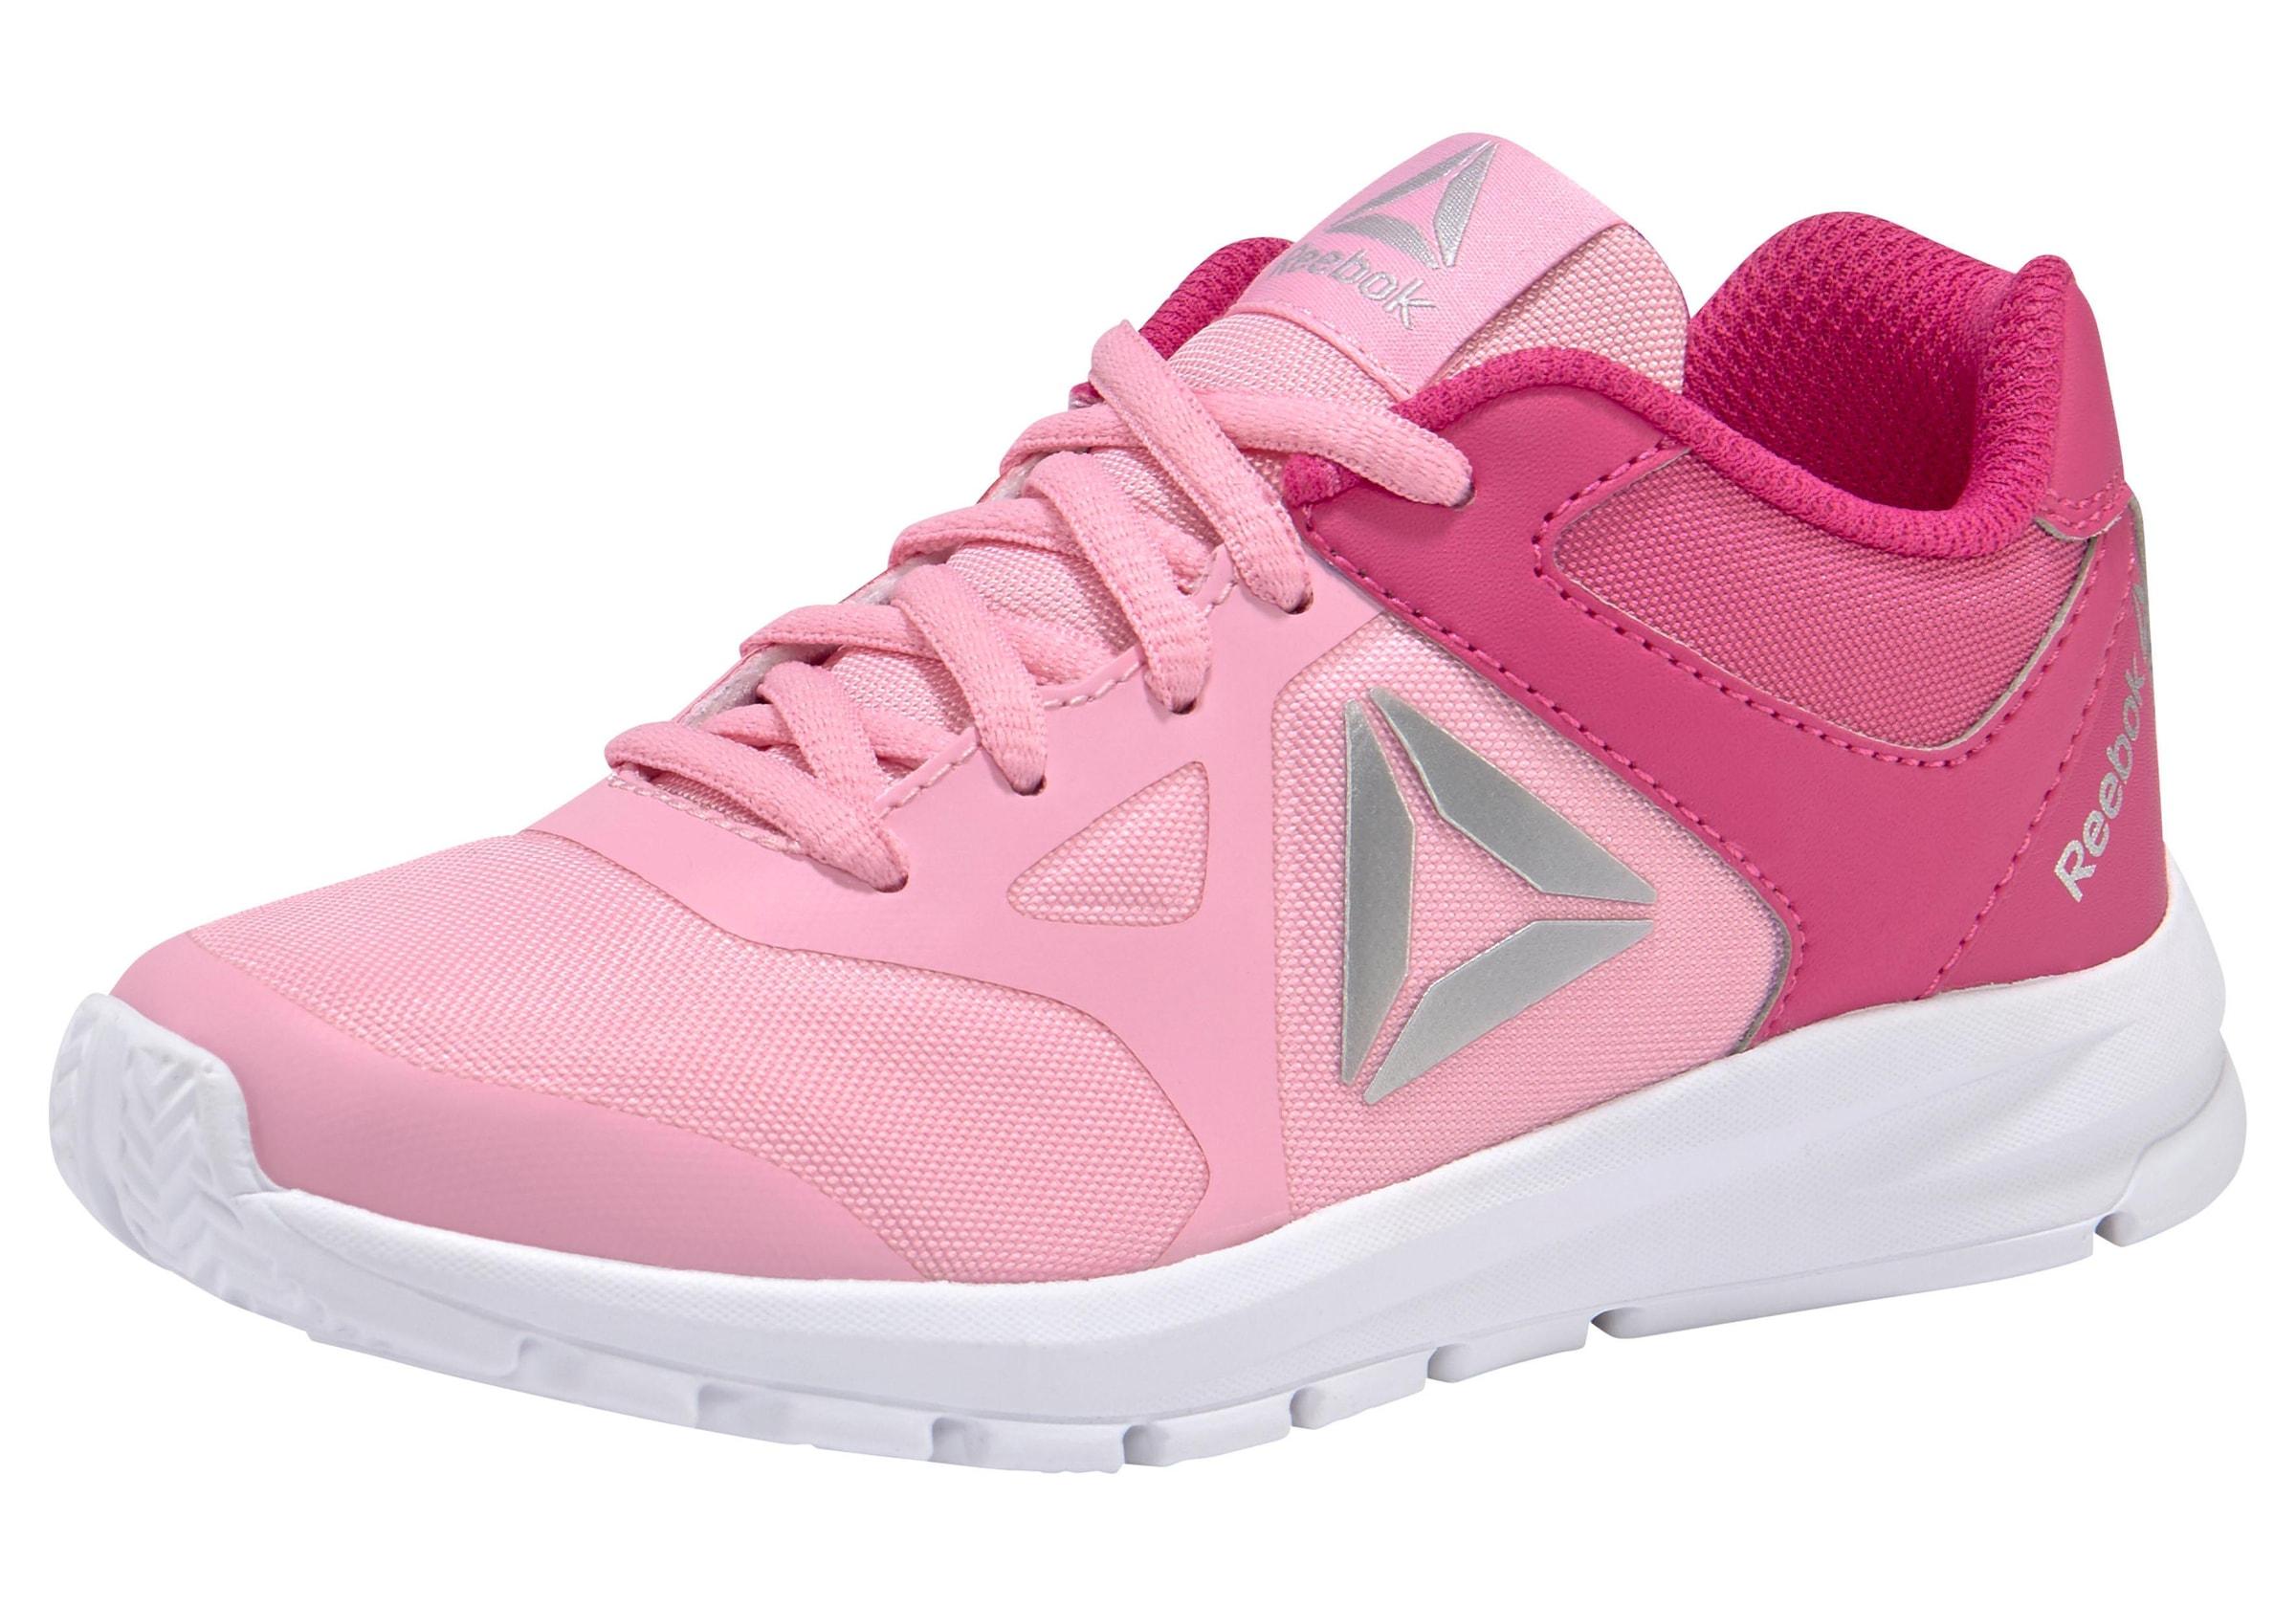 Reebok] Schuhe Förderung